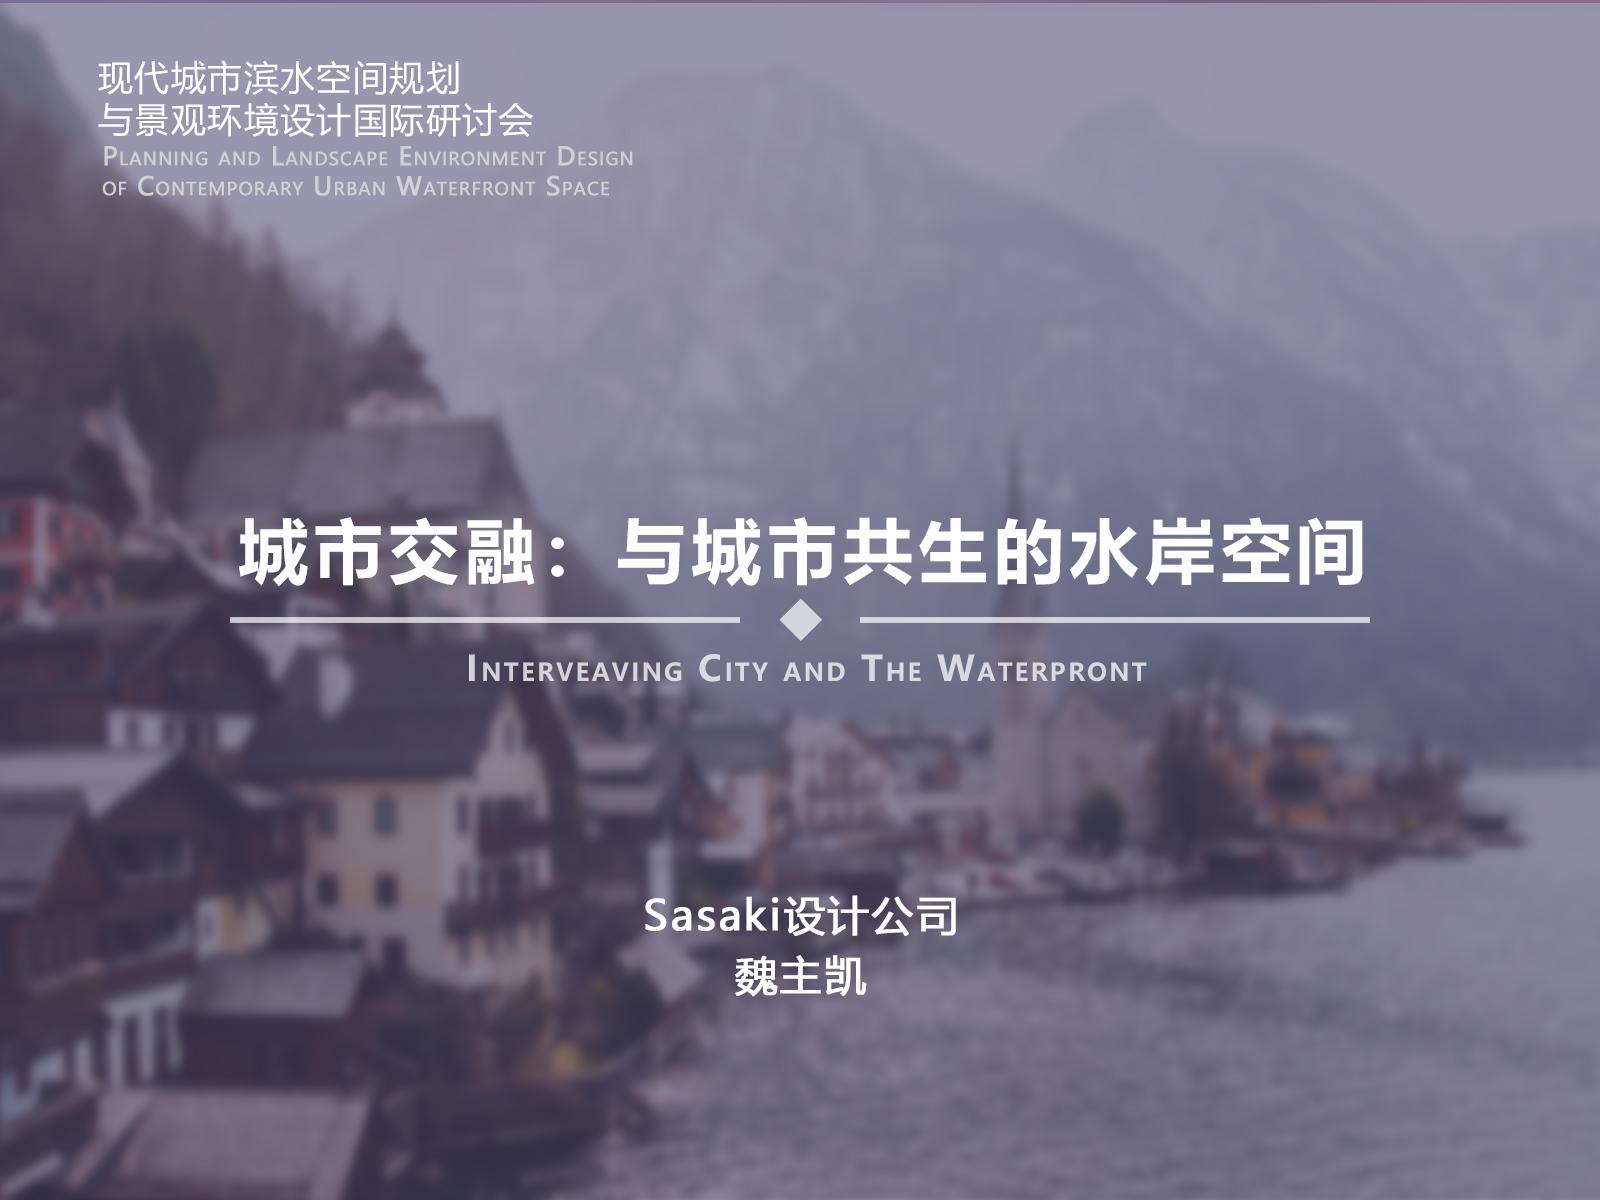 魏主凯—城市交融:与城市共生的水岸空间—【现代城市滨水空间规划与景观环境设计国际研讨会】